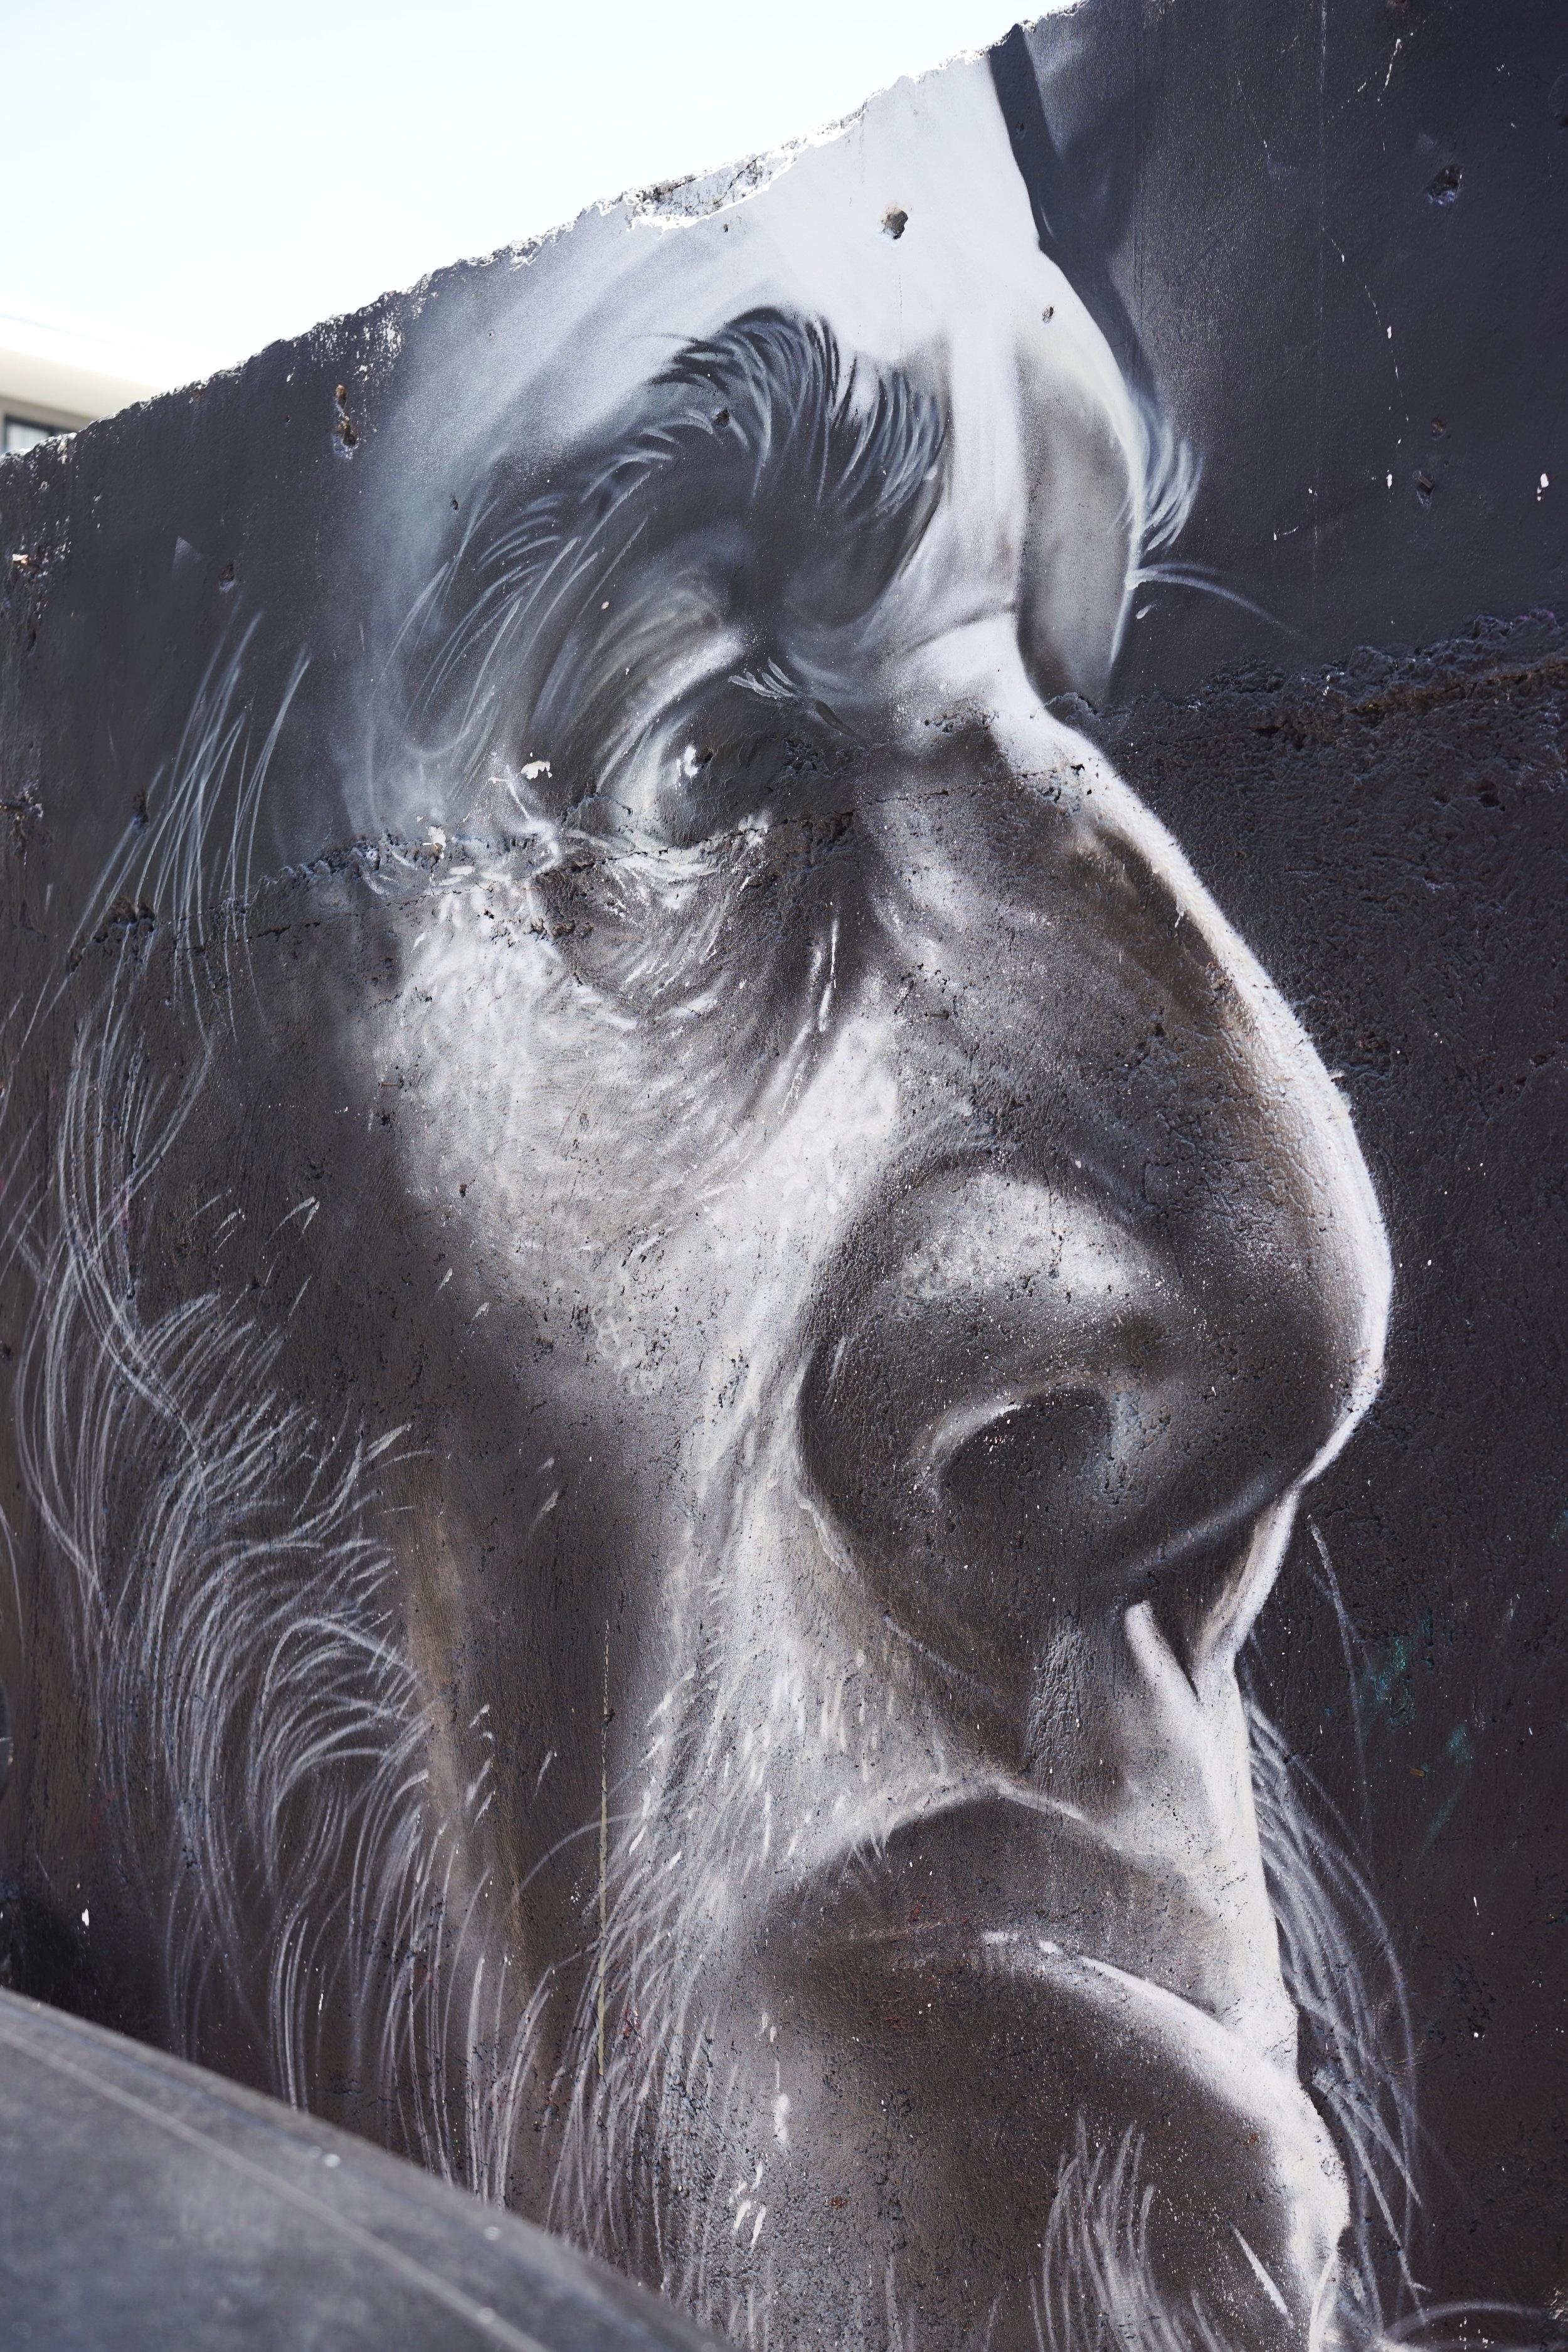 Artist Hugo Jockas